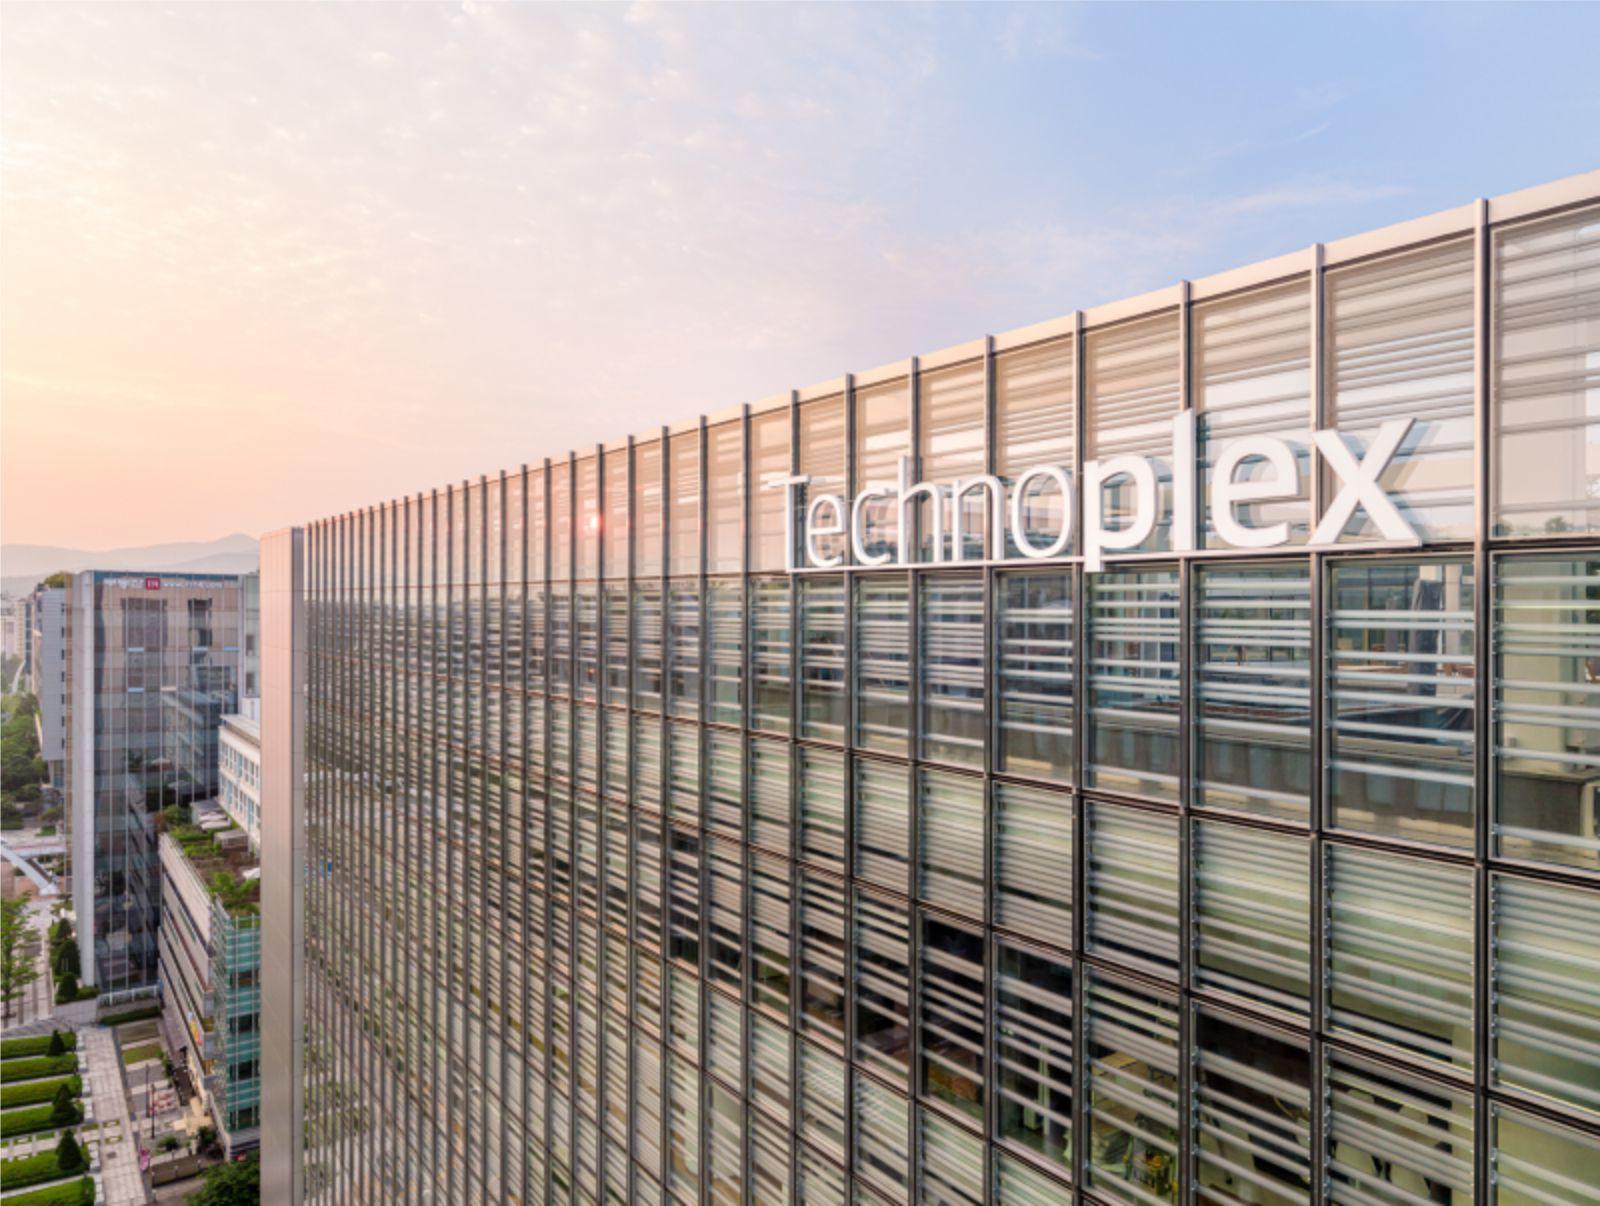 Hankook Technoplex